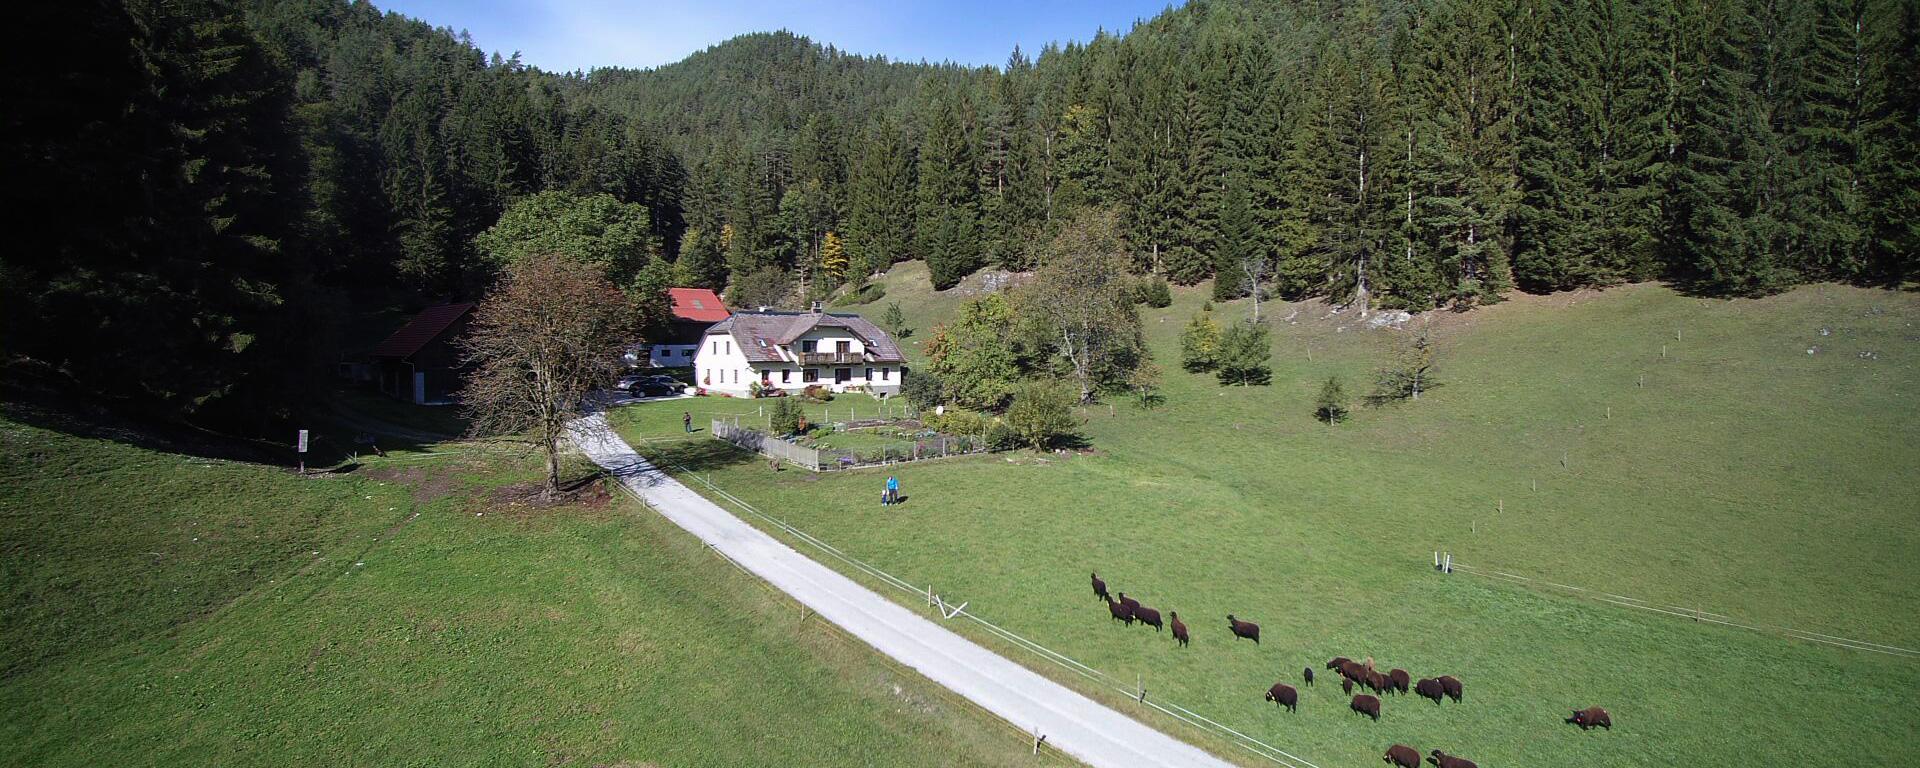 Biohof Scheikl im Herbst